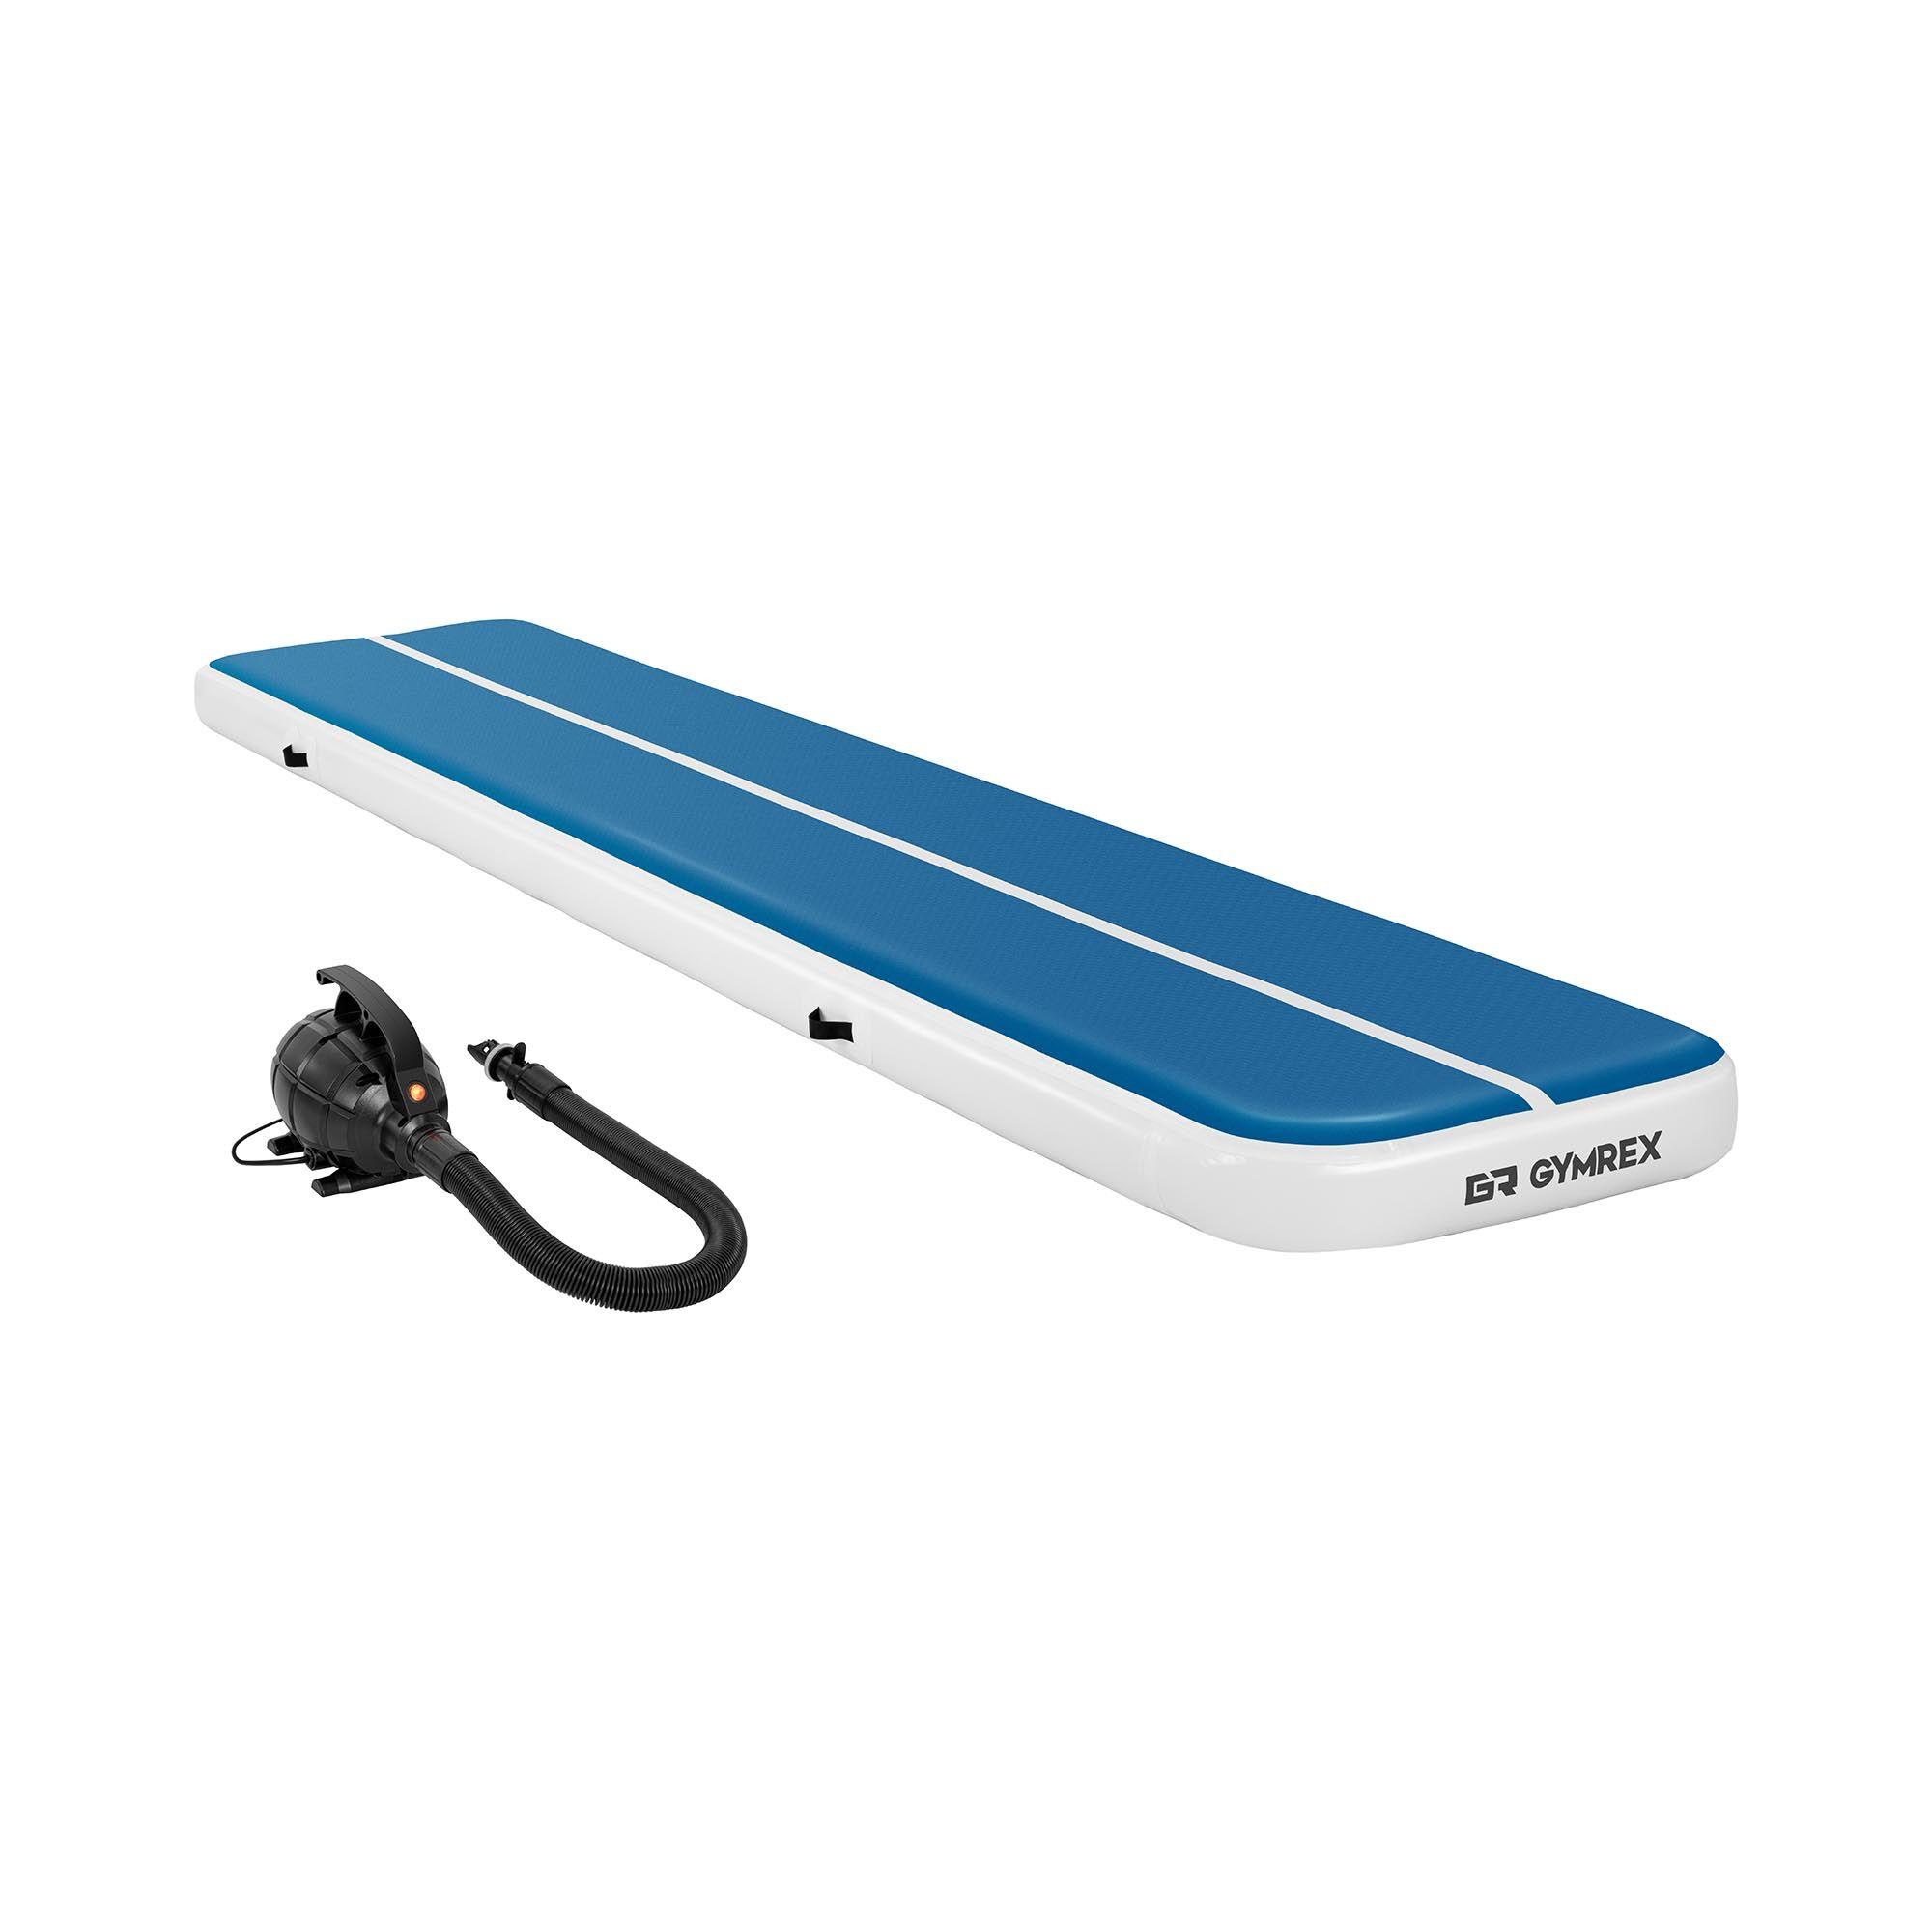 Gymrex Air track - Aitrack avec gonfleur électrique - Airtrack - 500 x 100 x 20 cm - 250 kg - Bleu/blanc GR-ATM6-SET